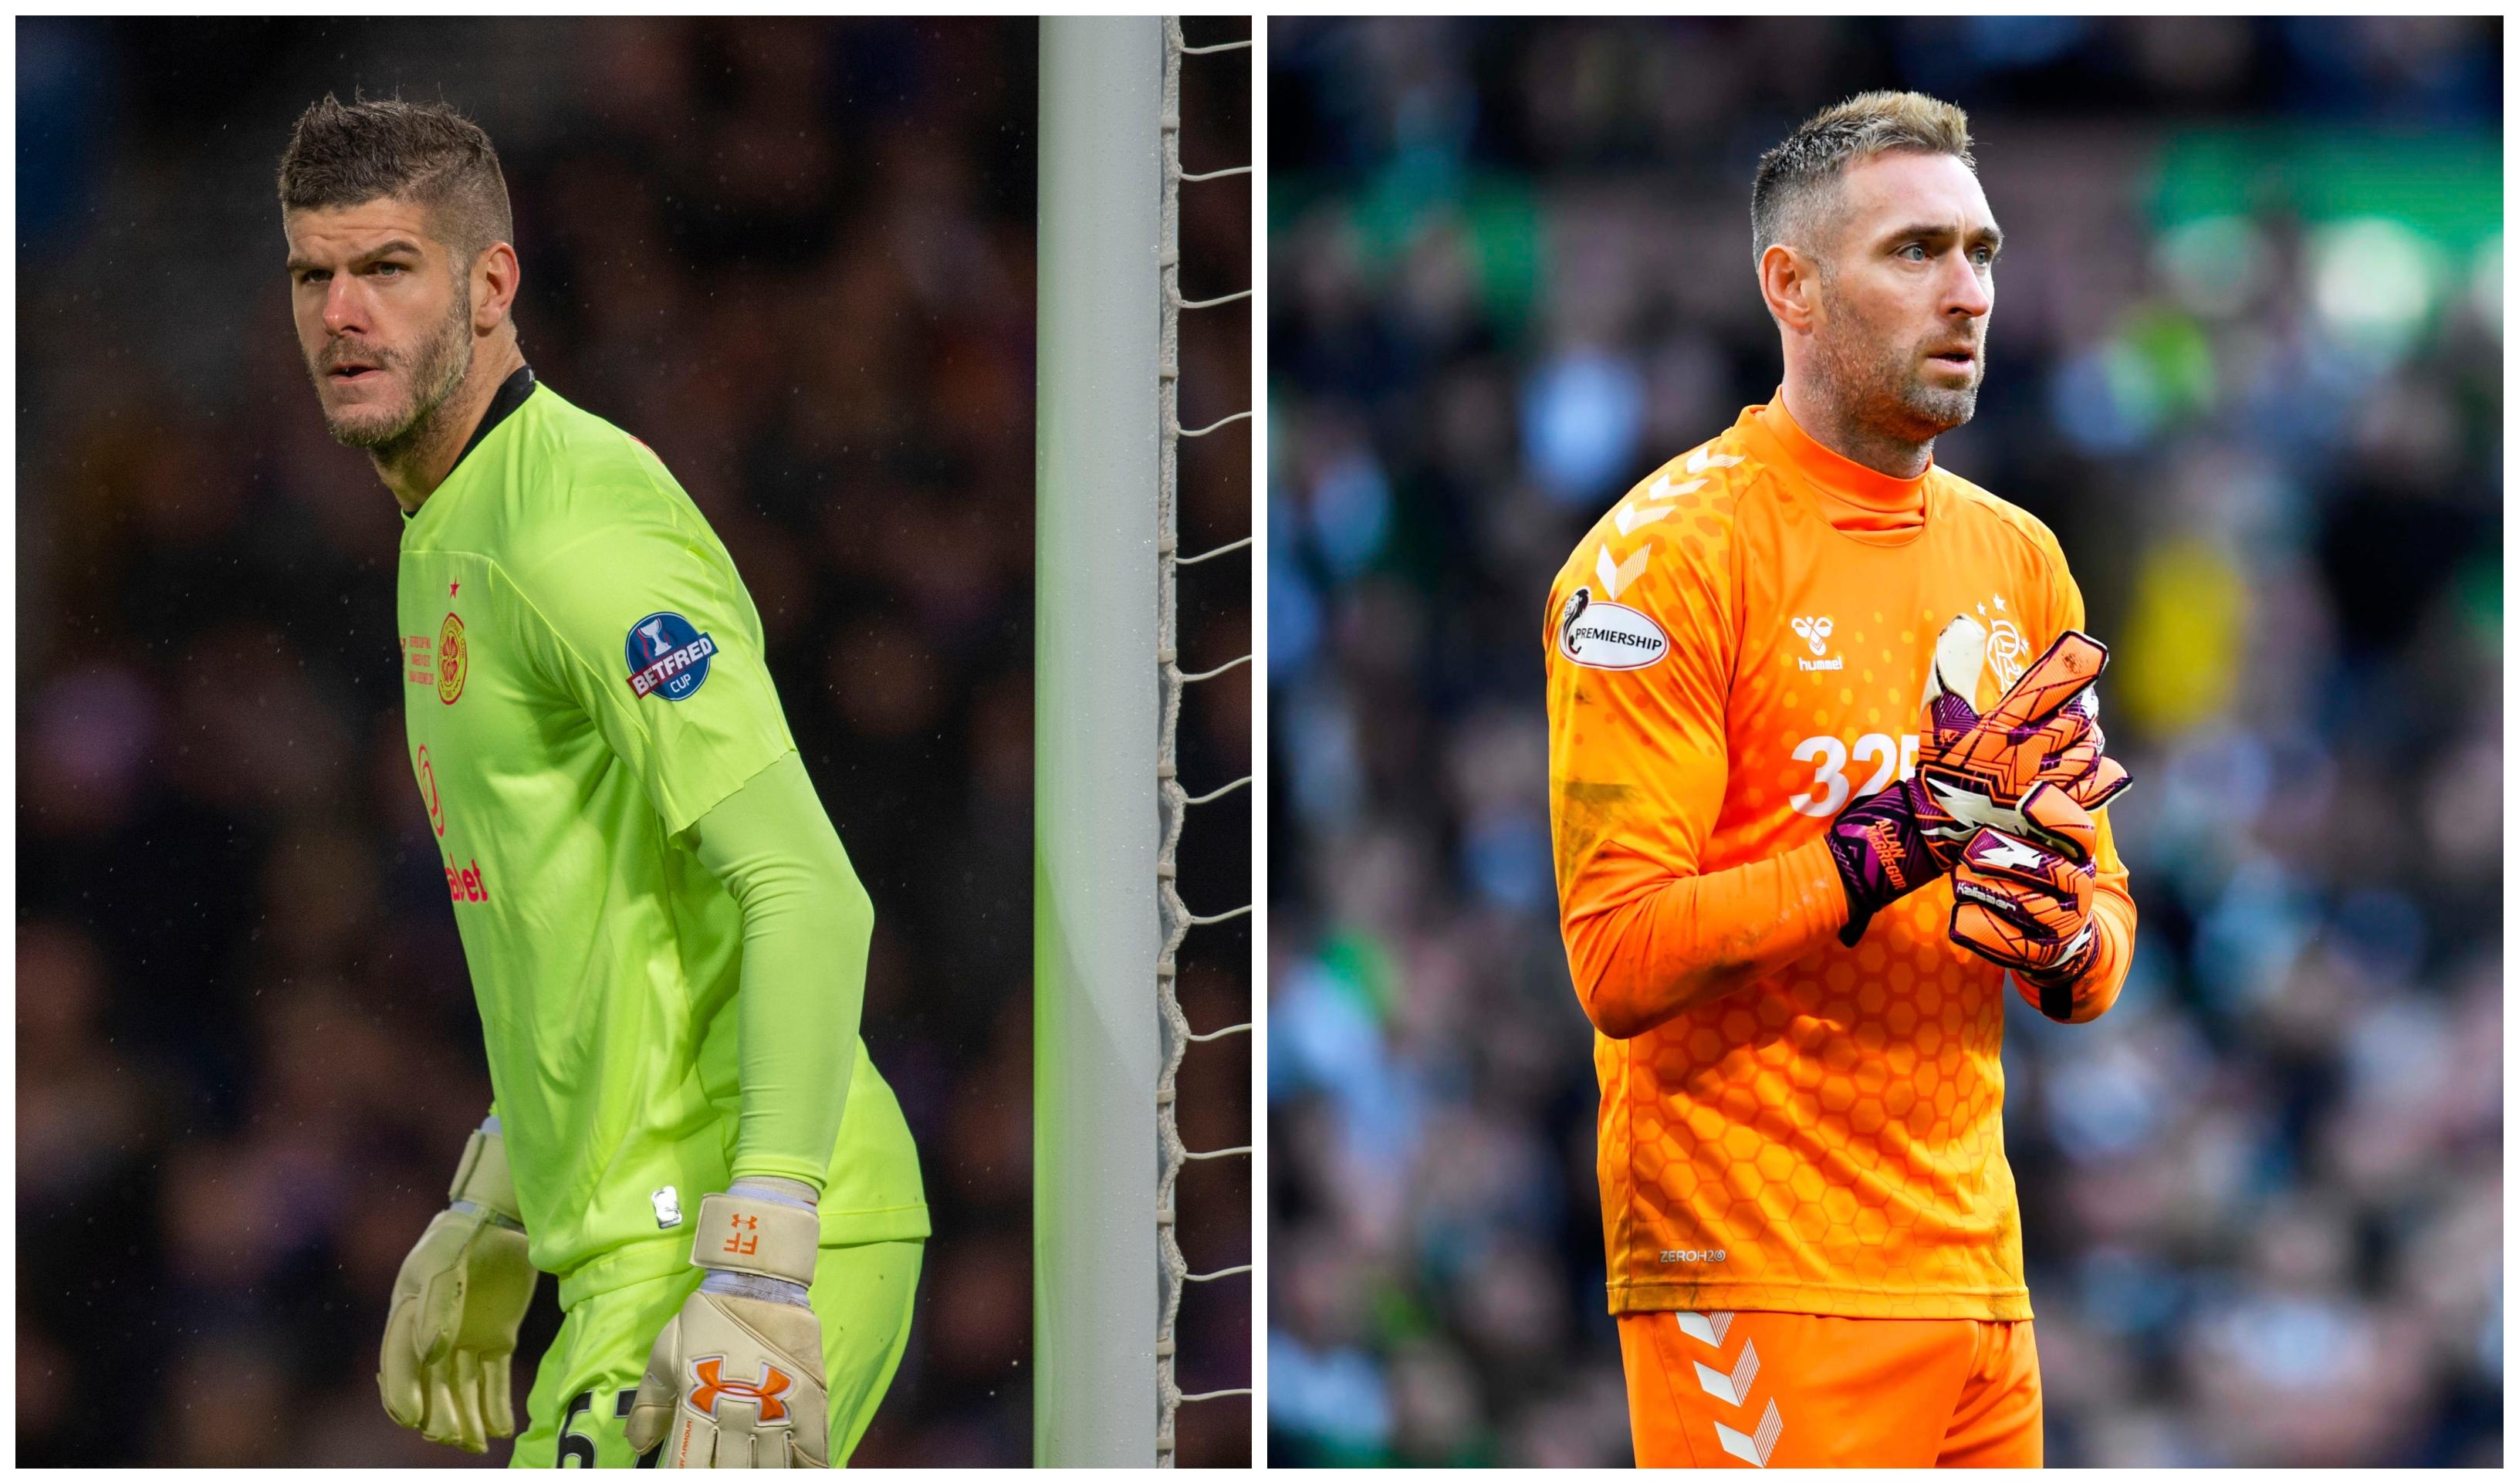 Celtic's Fraser Forster (left) and Rangers' Allan McGregor